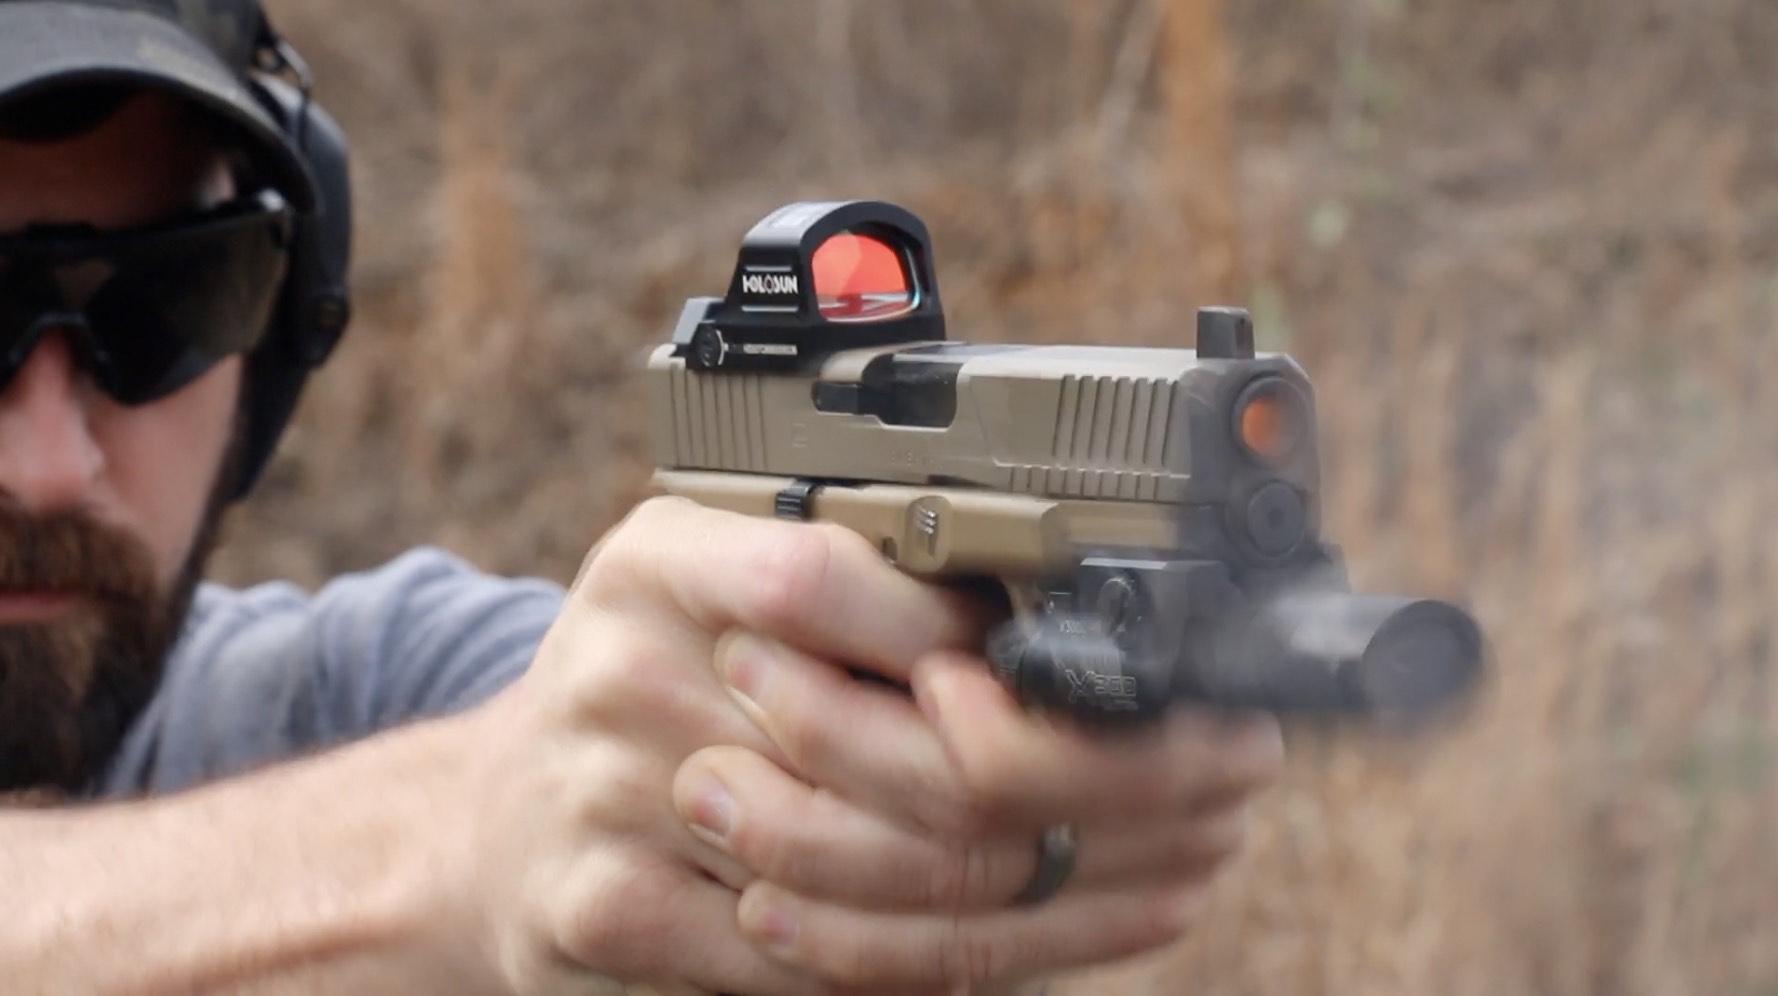 john-lovell-reviews-holosun-507c-pistol-optic-hs507c.jpg